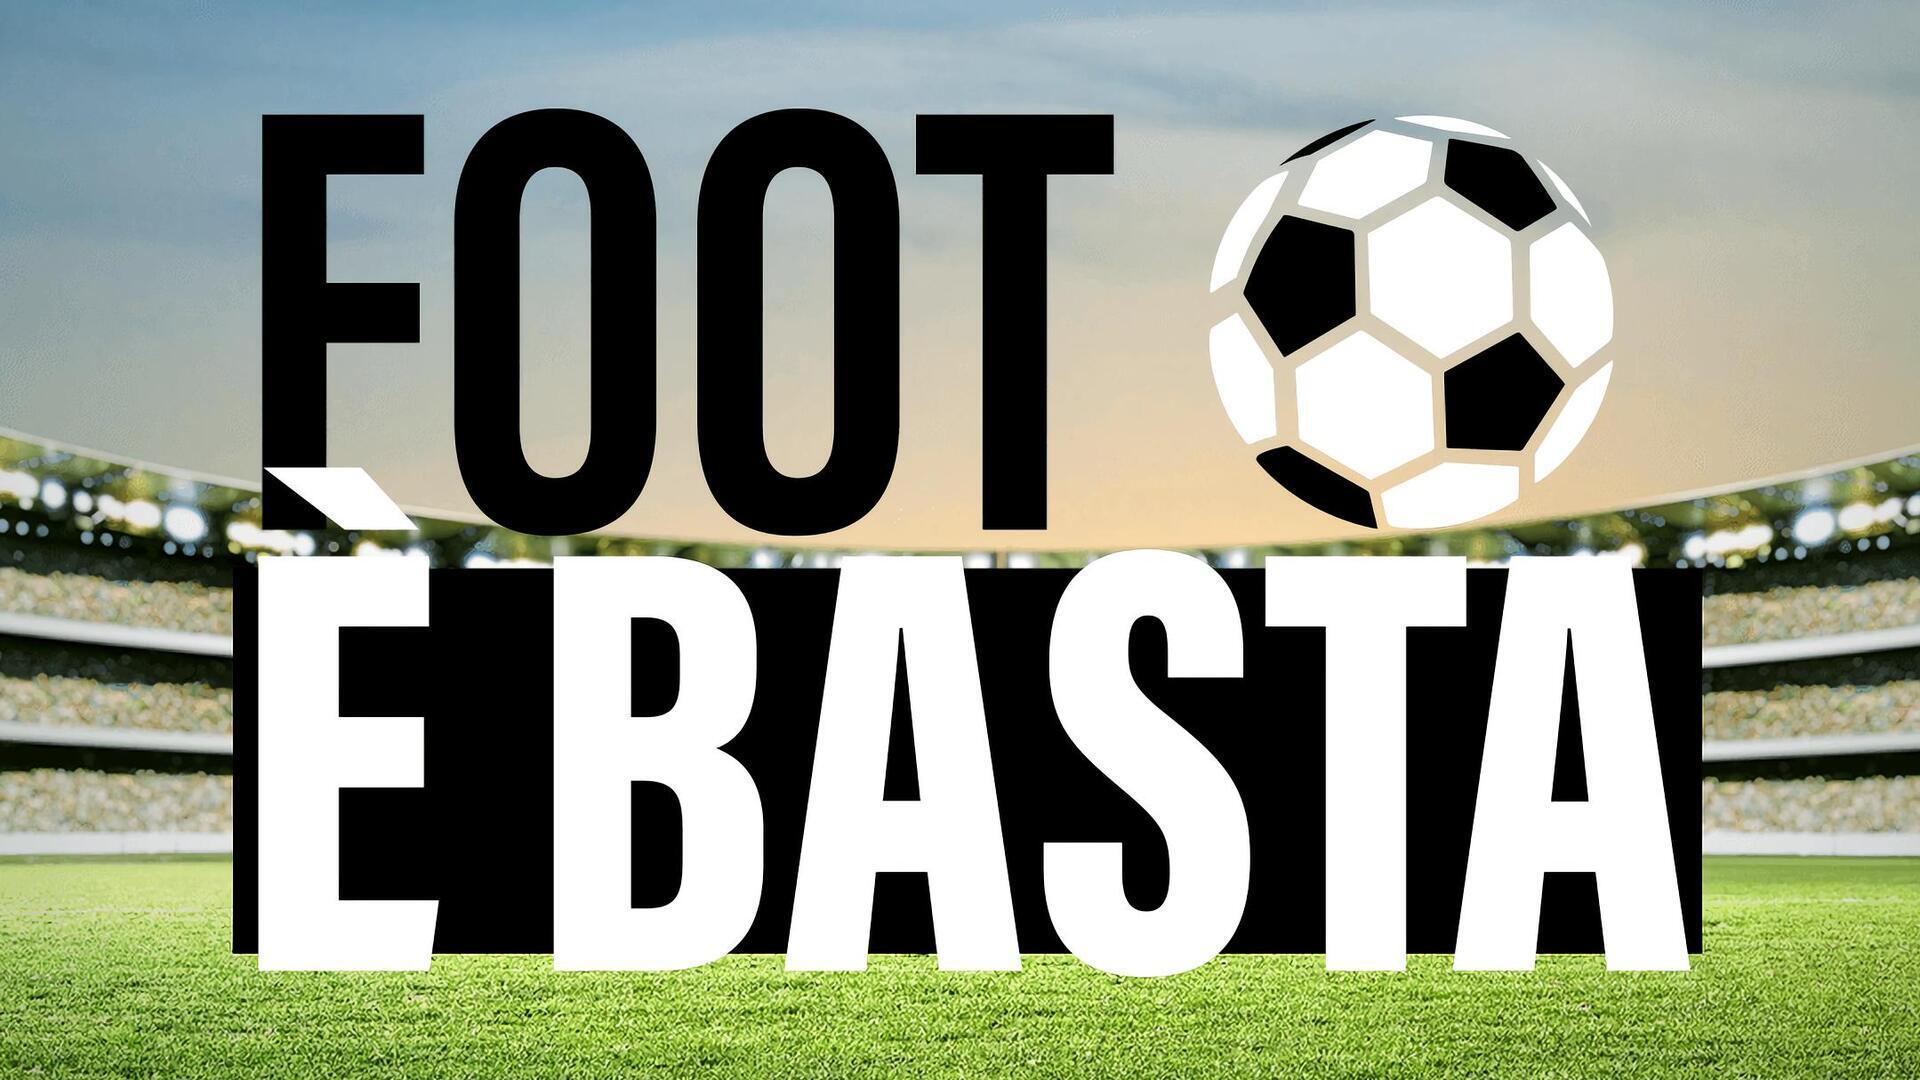 Foot è Basta